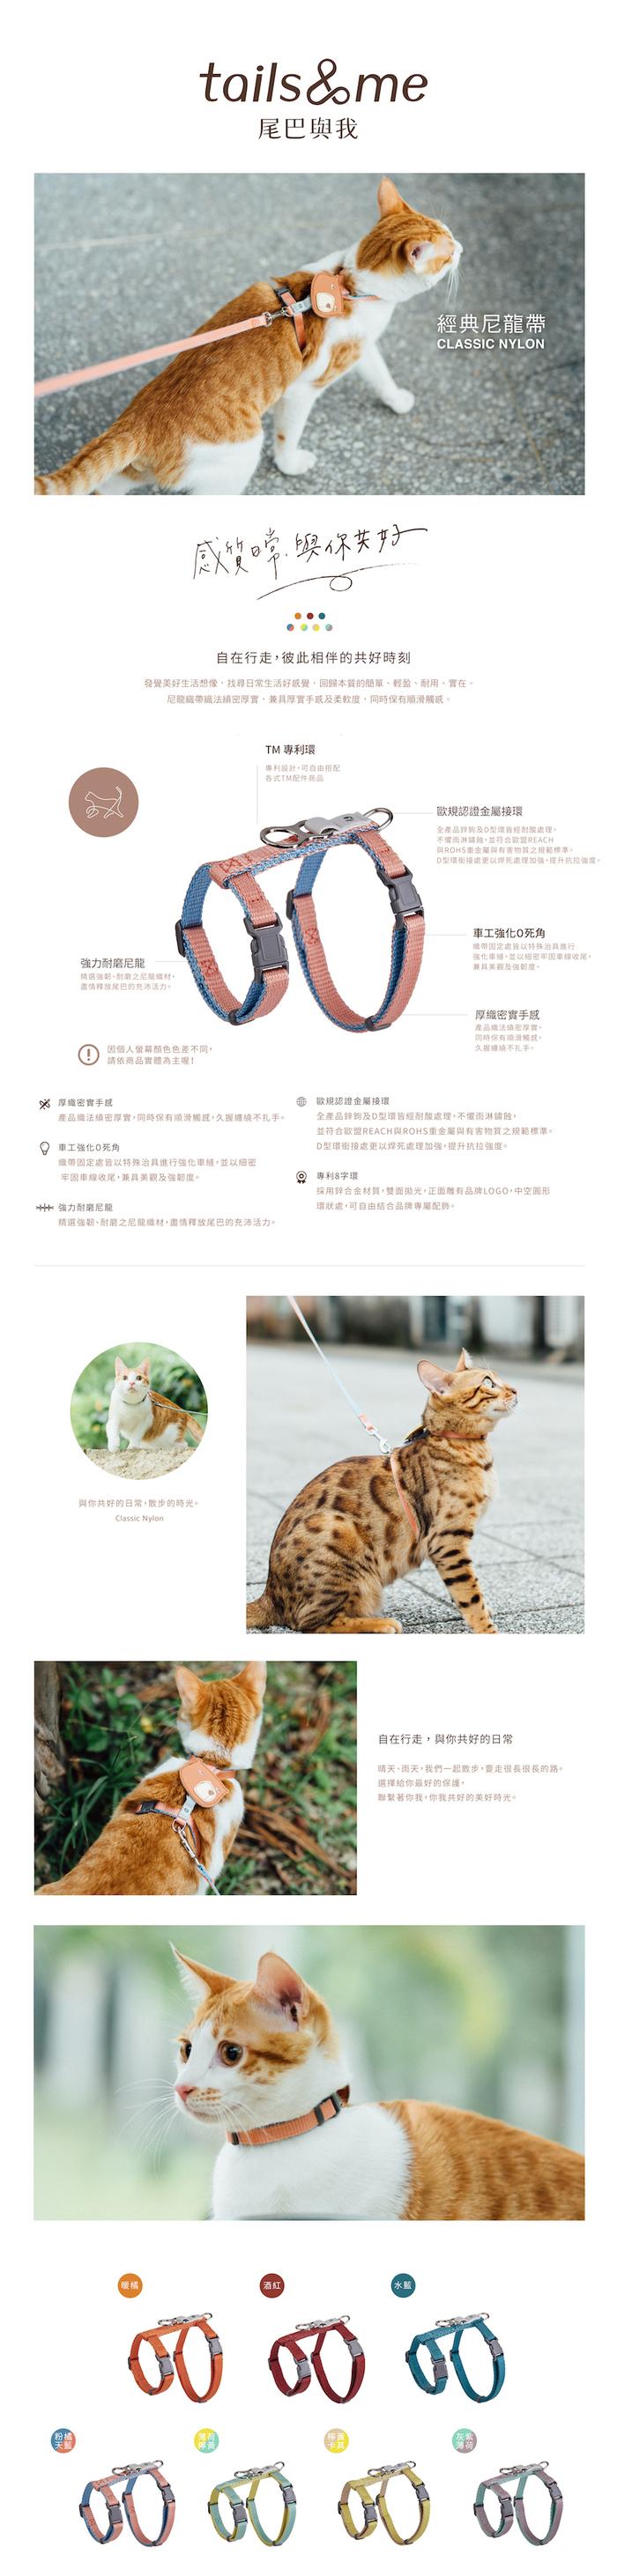 (複製)tails&me 尾巴與我|經典尼龍帶 貓系列 安全項圈